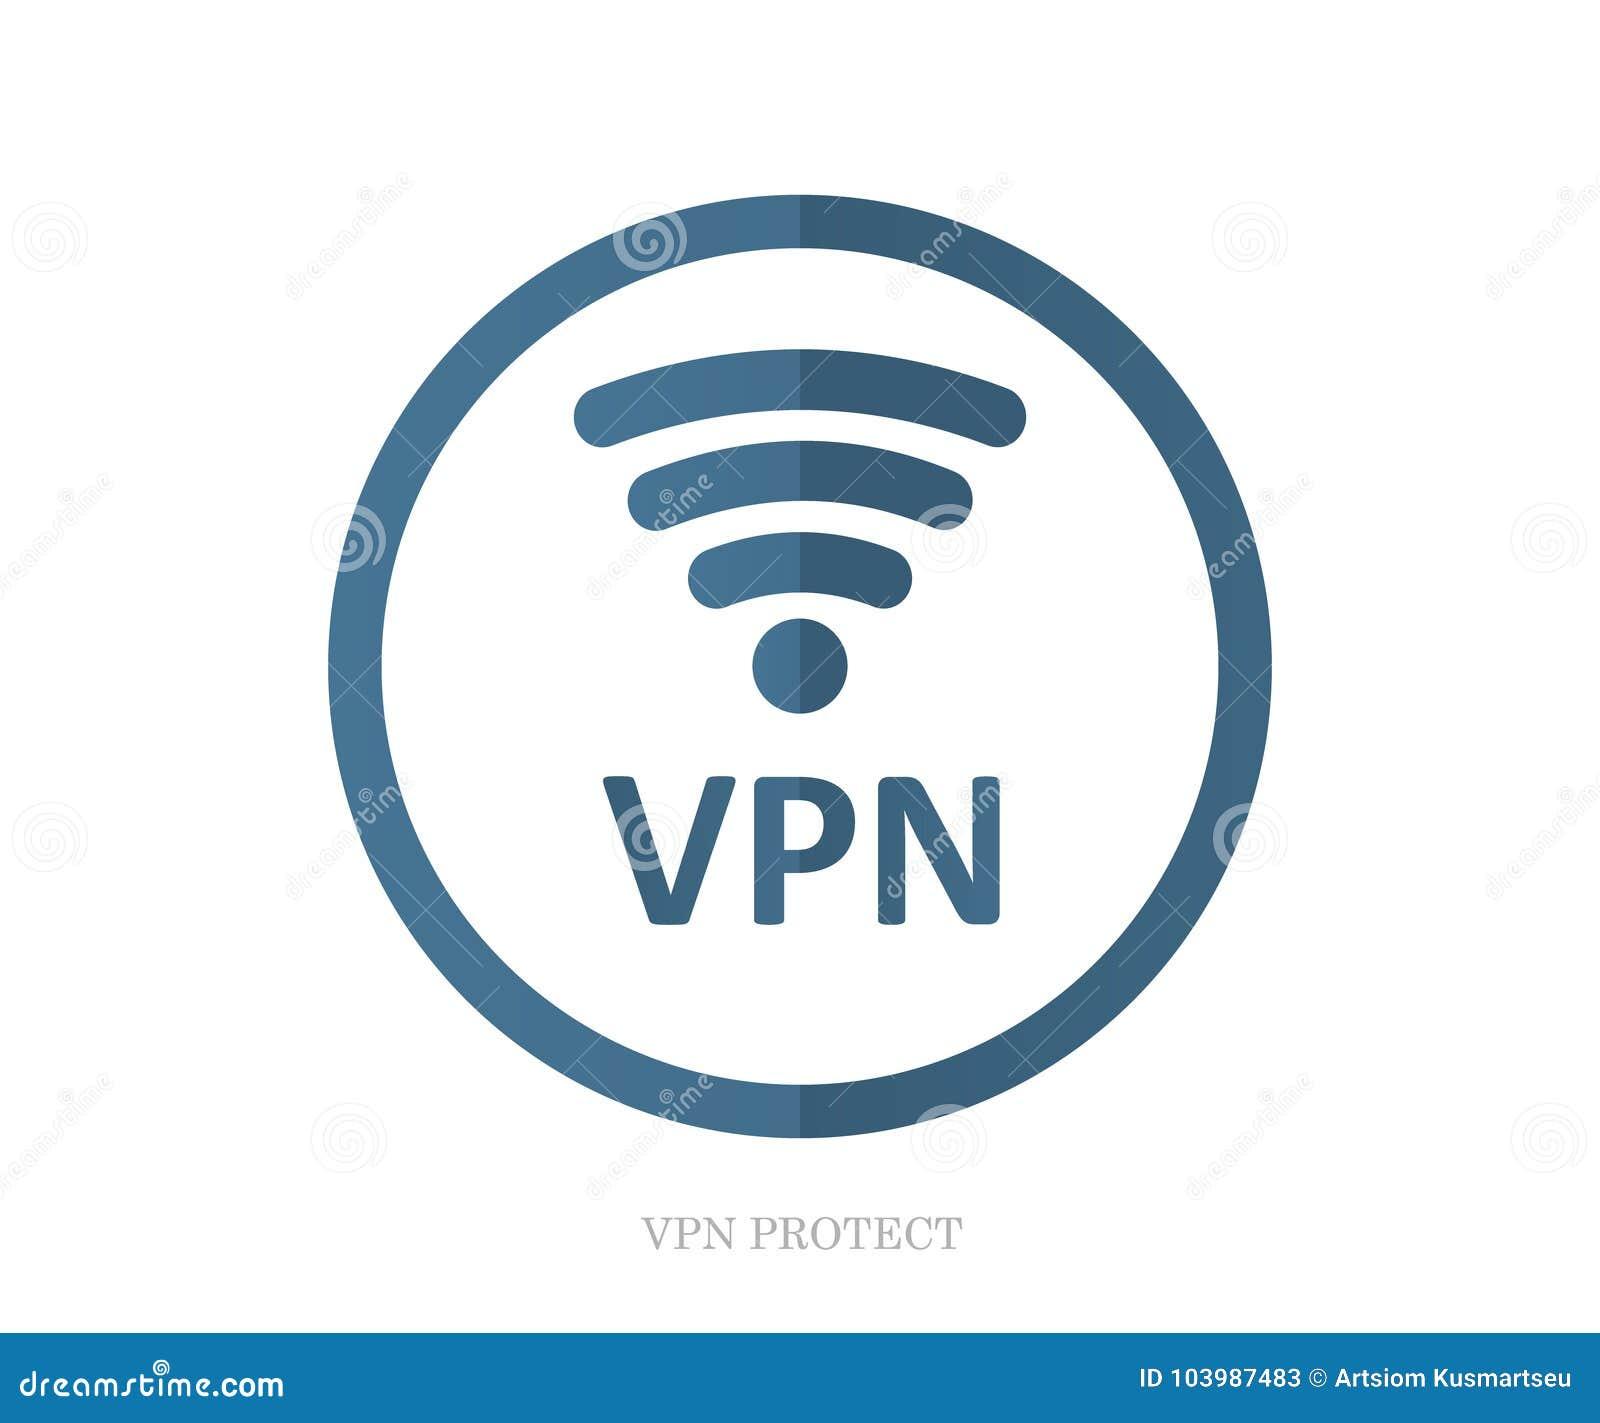 VPN Beginner's Guide